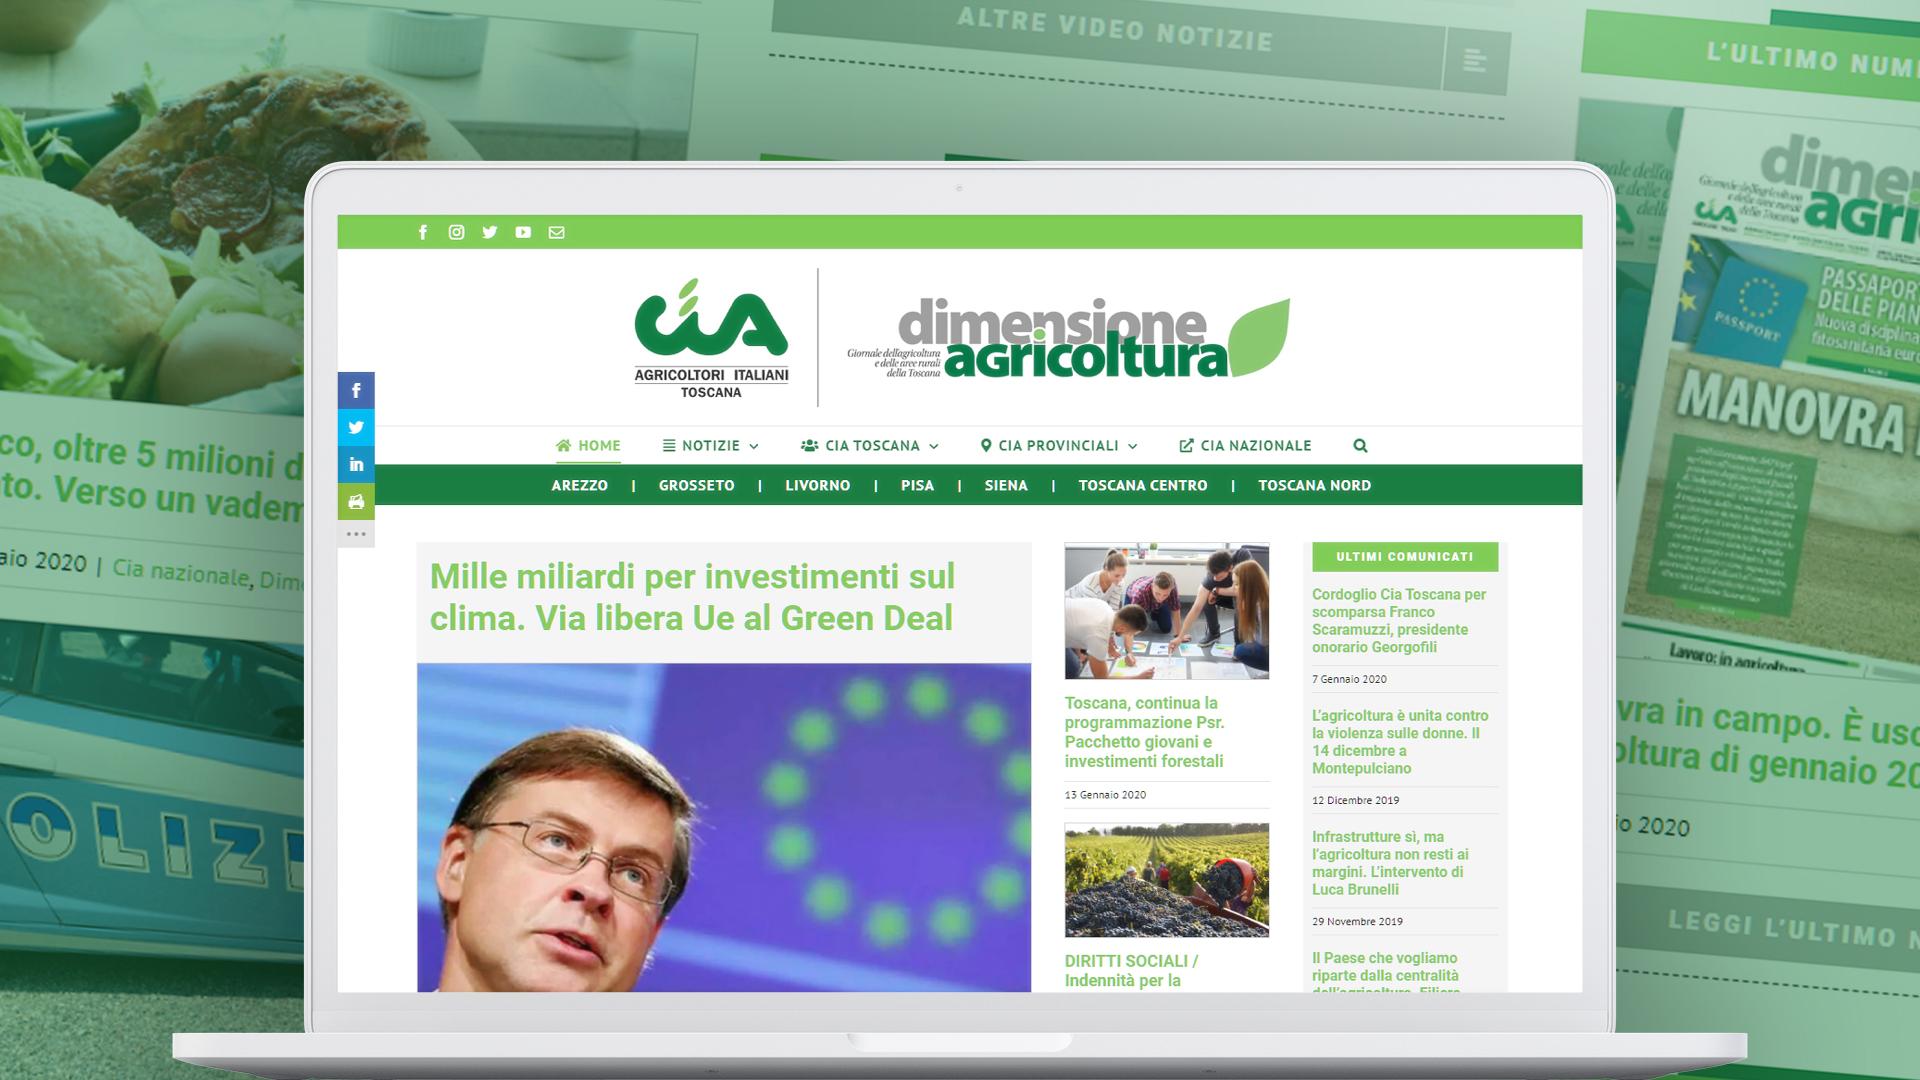 Cia Toscana Dimensione Agricoltura